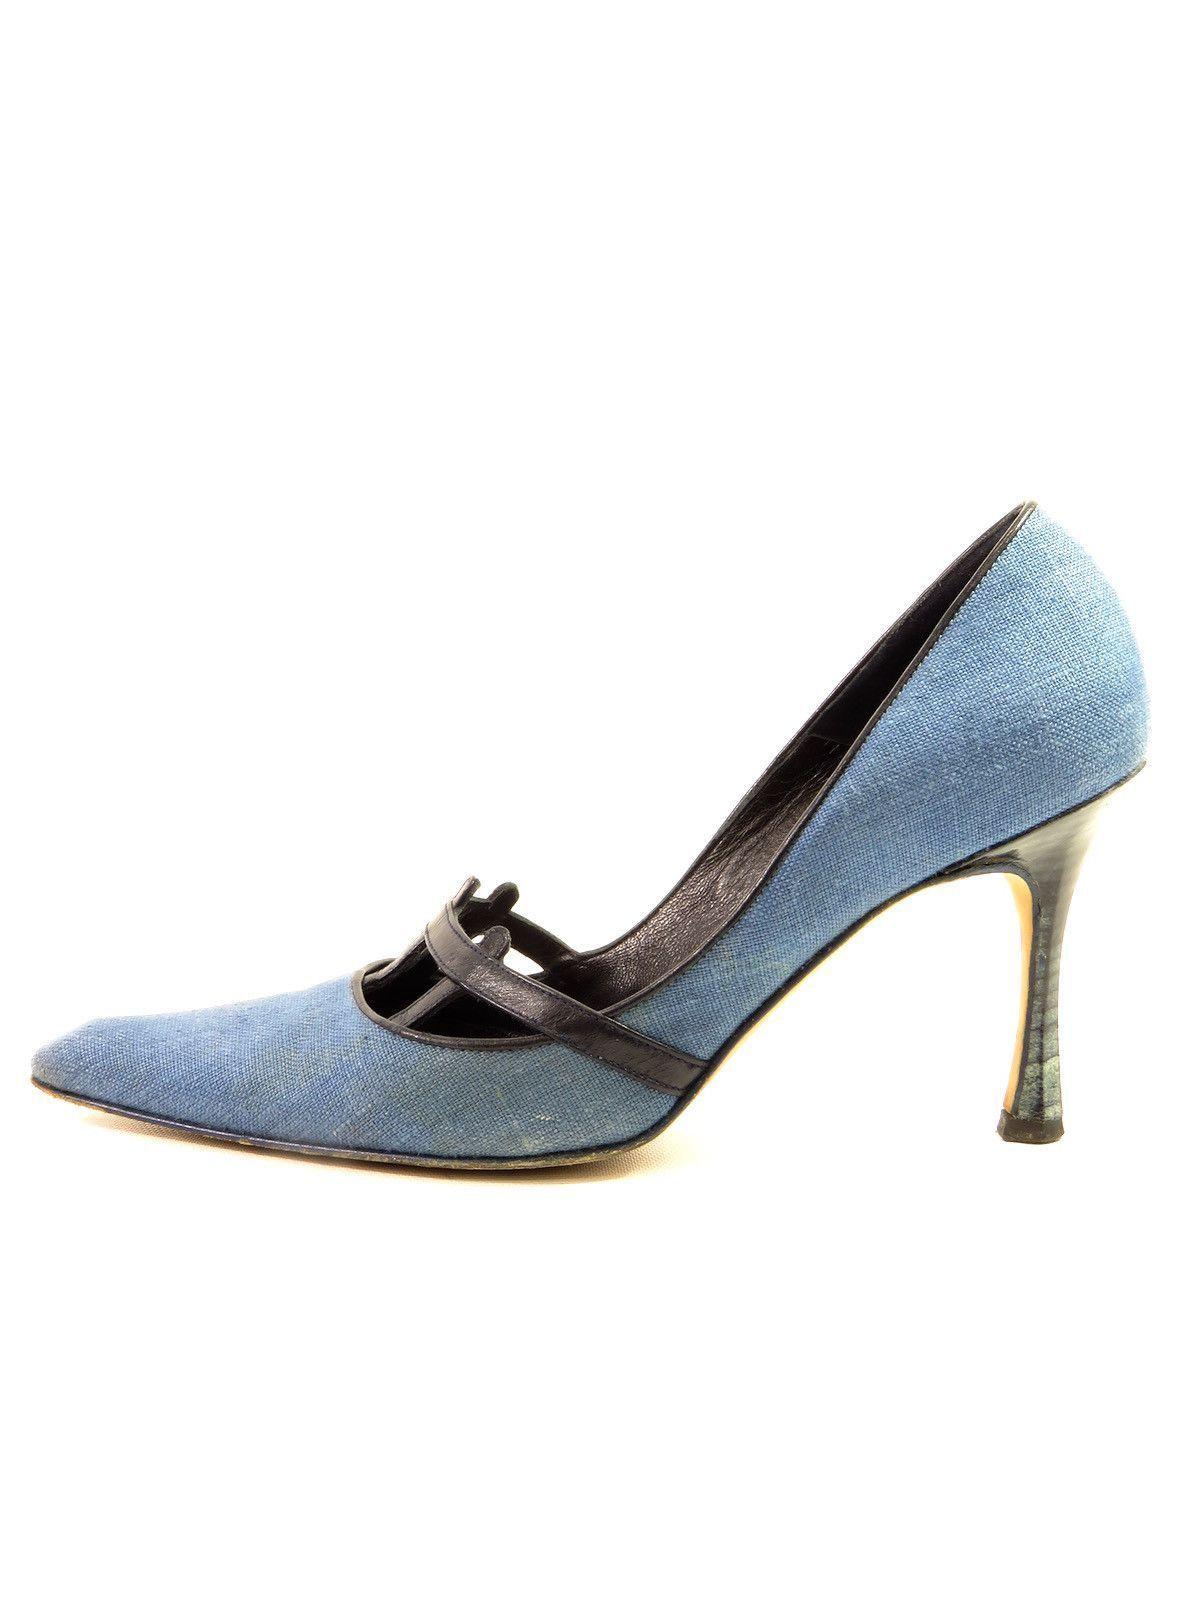 97da0943edf MANOLO BLAHNIK Women Blue Denim Black Leather Pointed Toe Pumps Kitten  Heels Shoes 36.5 Kitten Heel